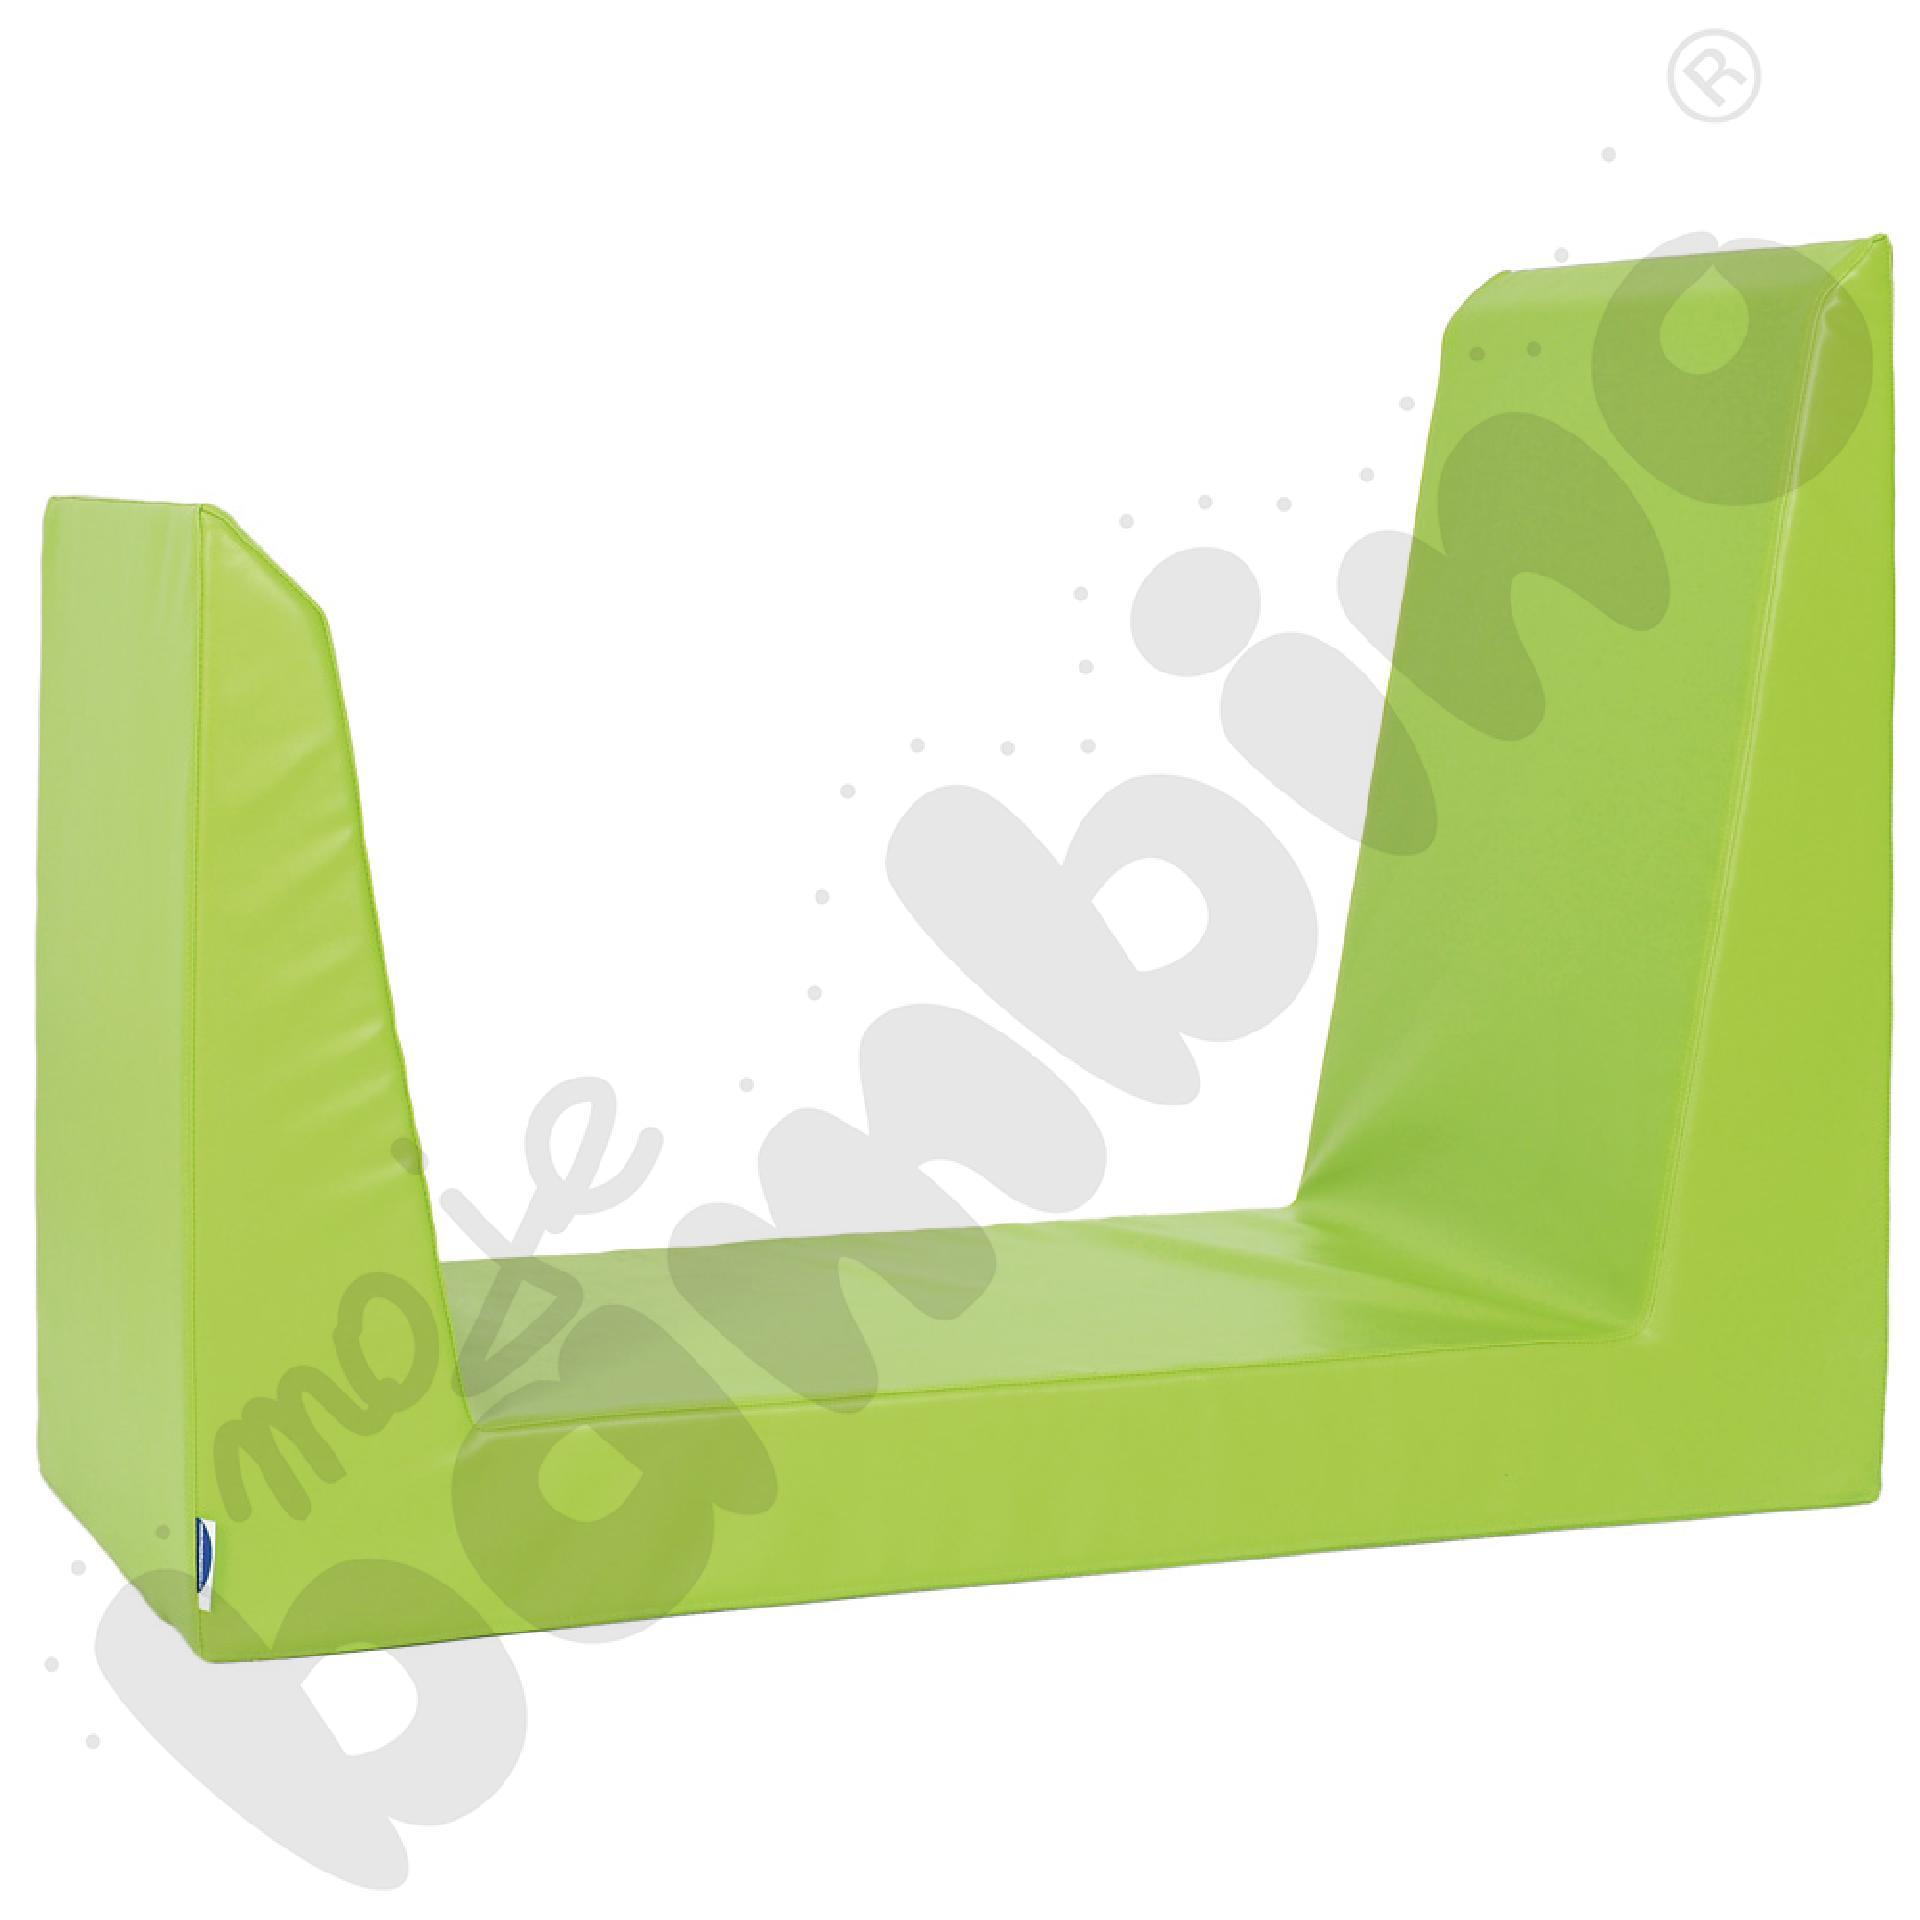 Materac-siedzisko zielone